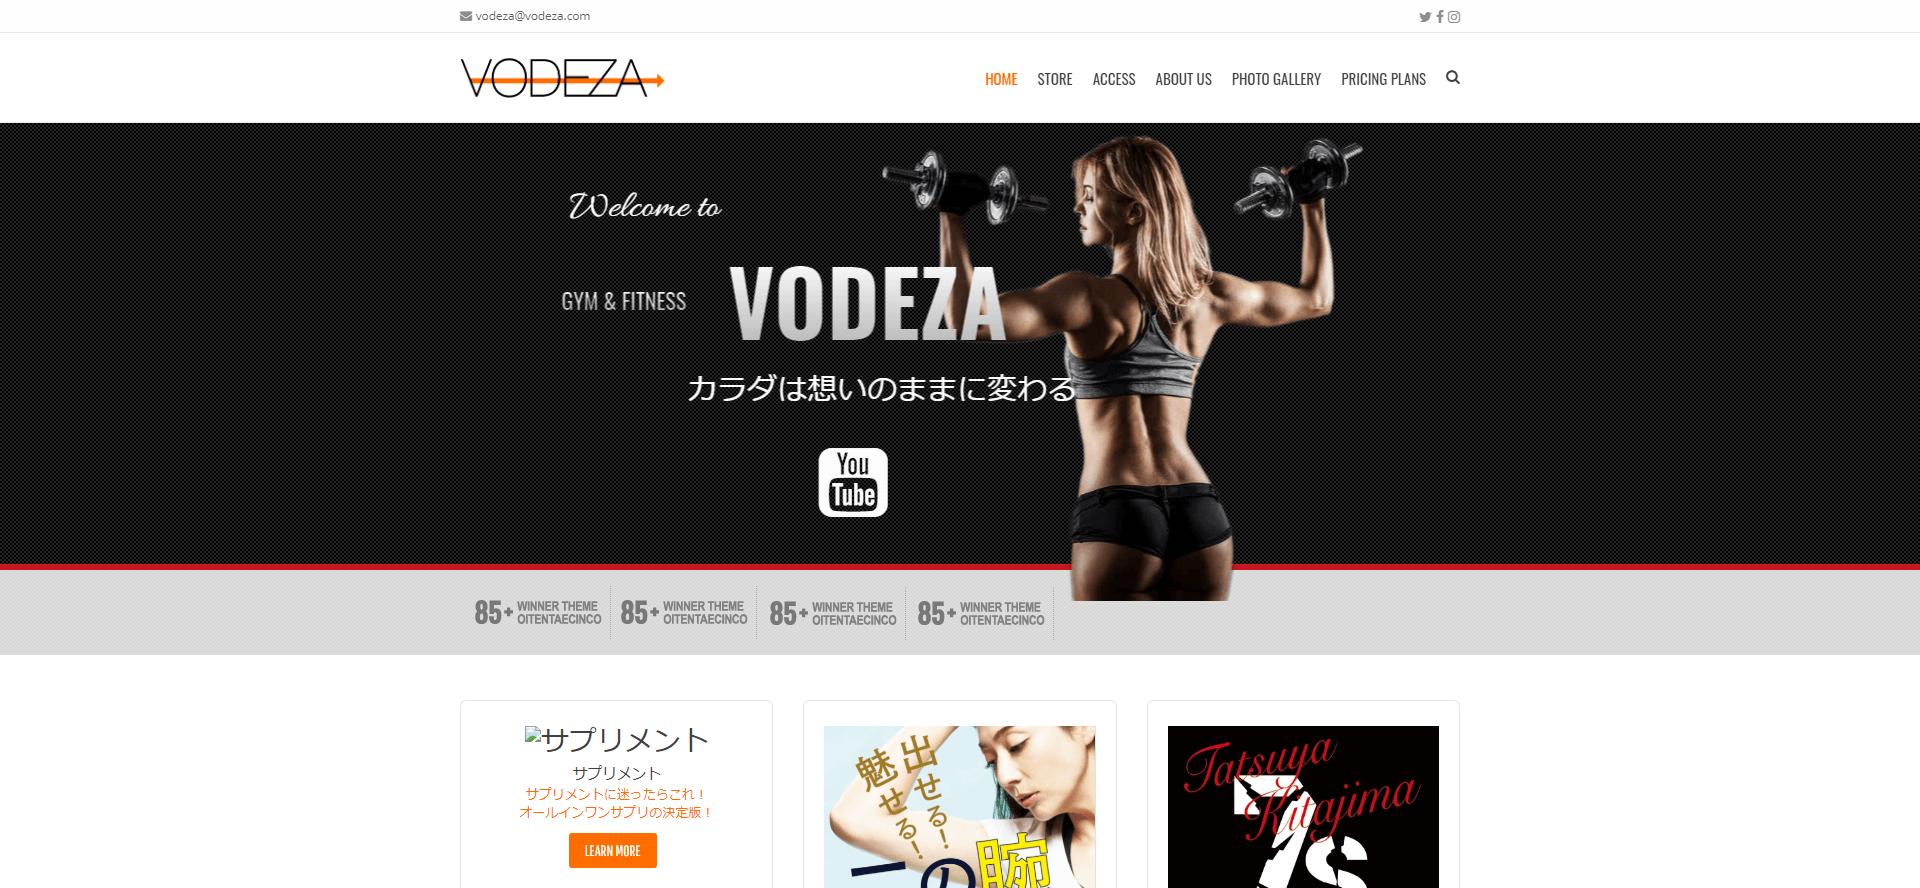 原宿エリアでおすすめのパーソナルトレーニングジム「VODEZA」